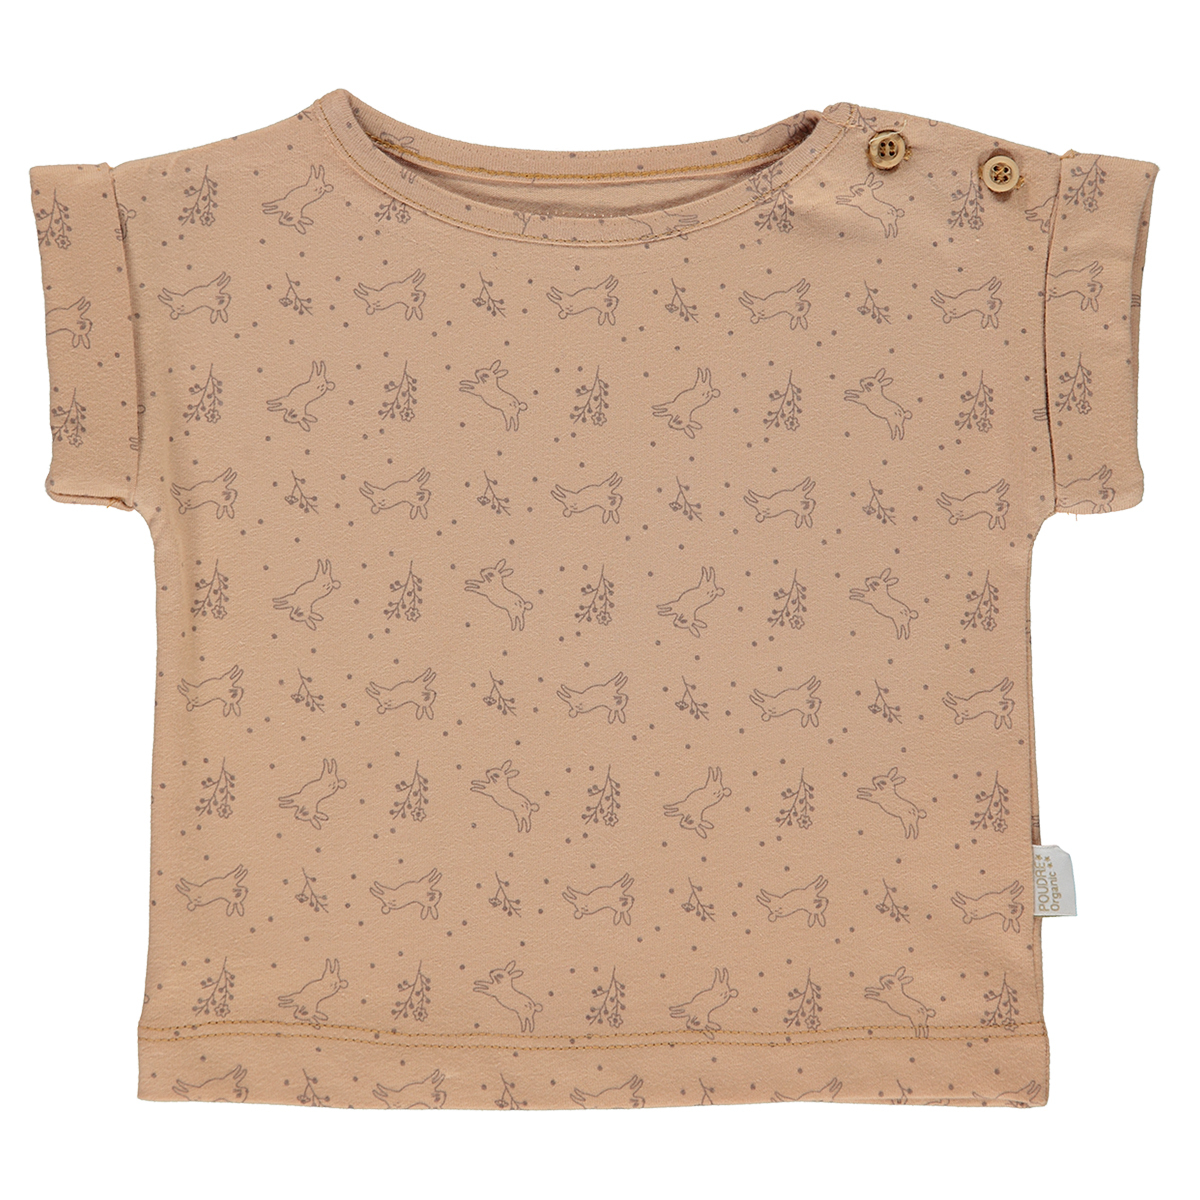 Haut bébé T-Shirt Bourrache Indian Tan et Motifs - 12 Mois